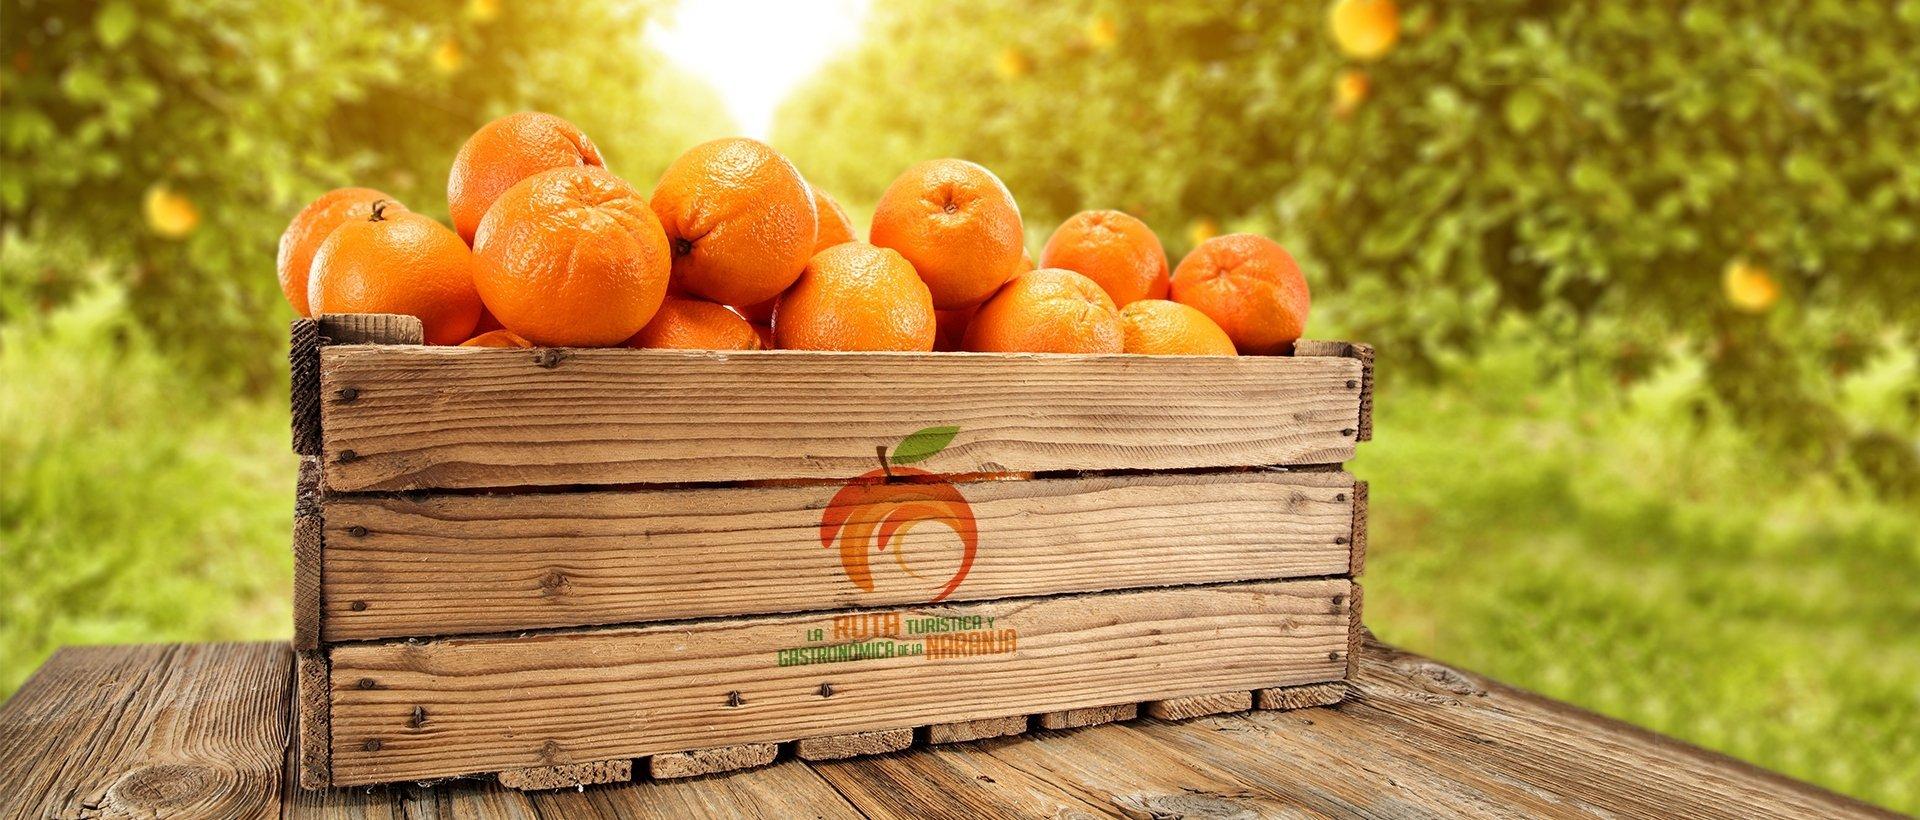 slideshow-matafruit-naranjas-02